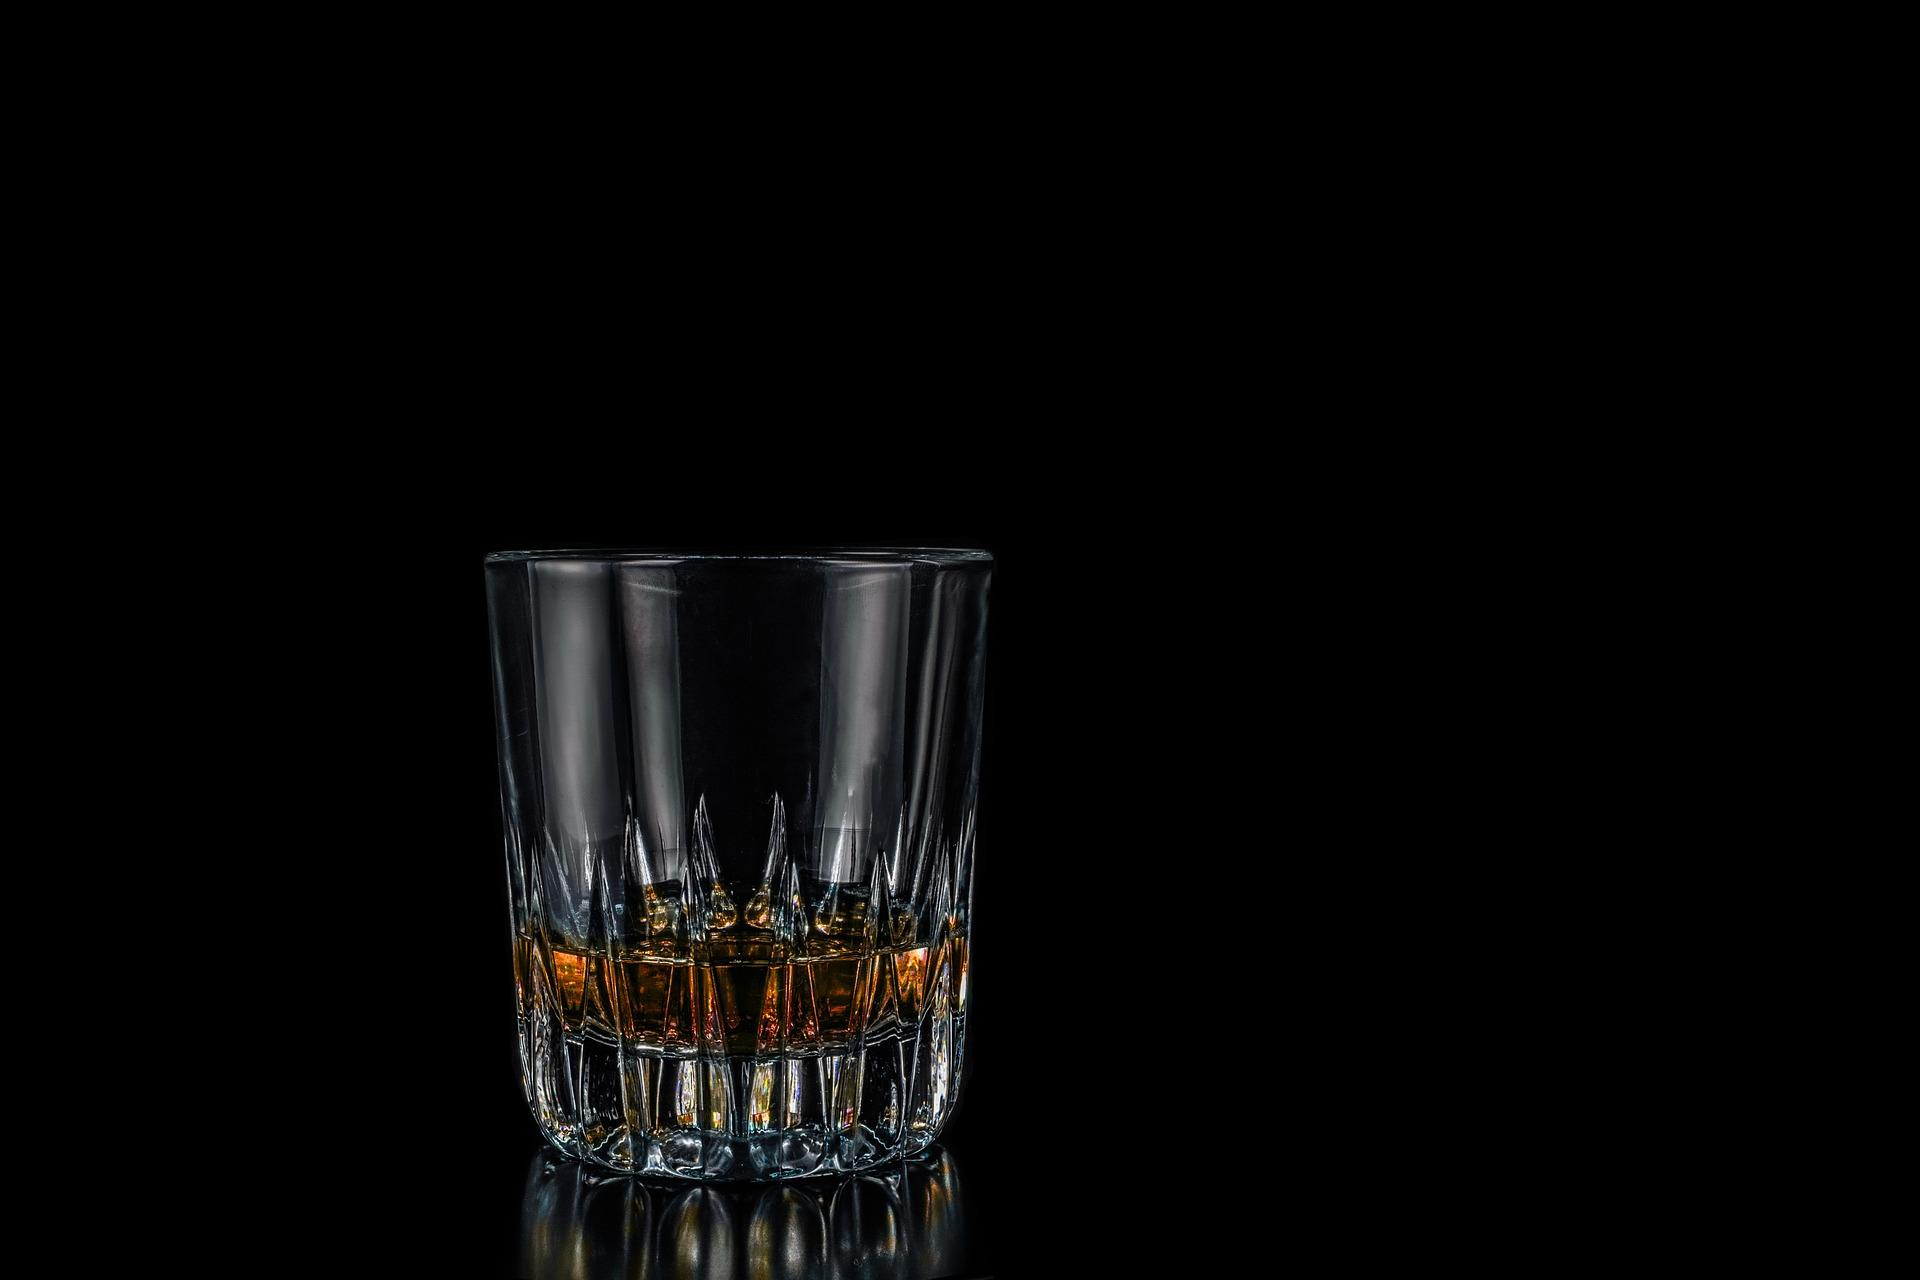 Qual è la differenza fra rum agricolo e rum industriale